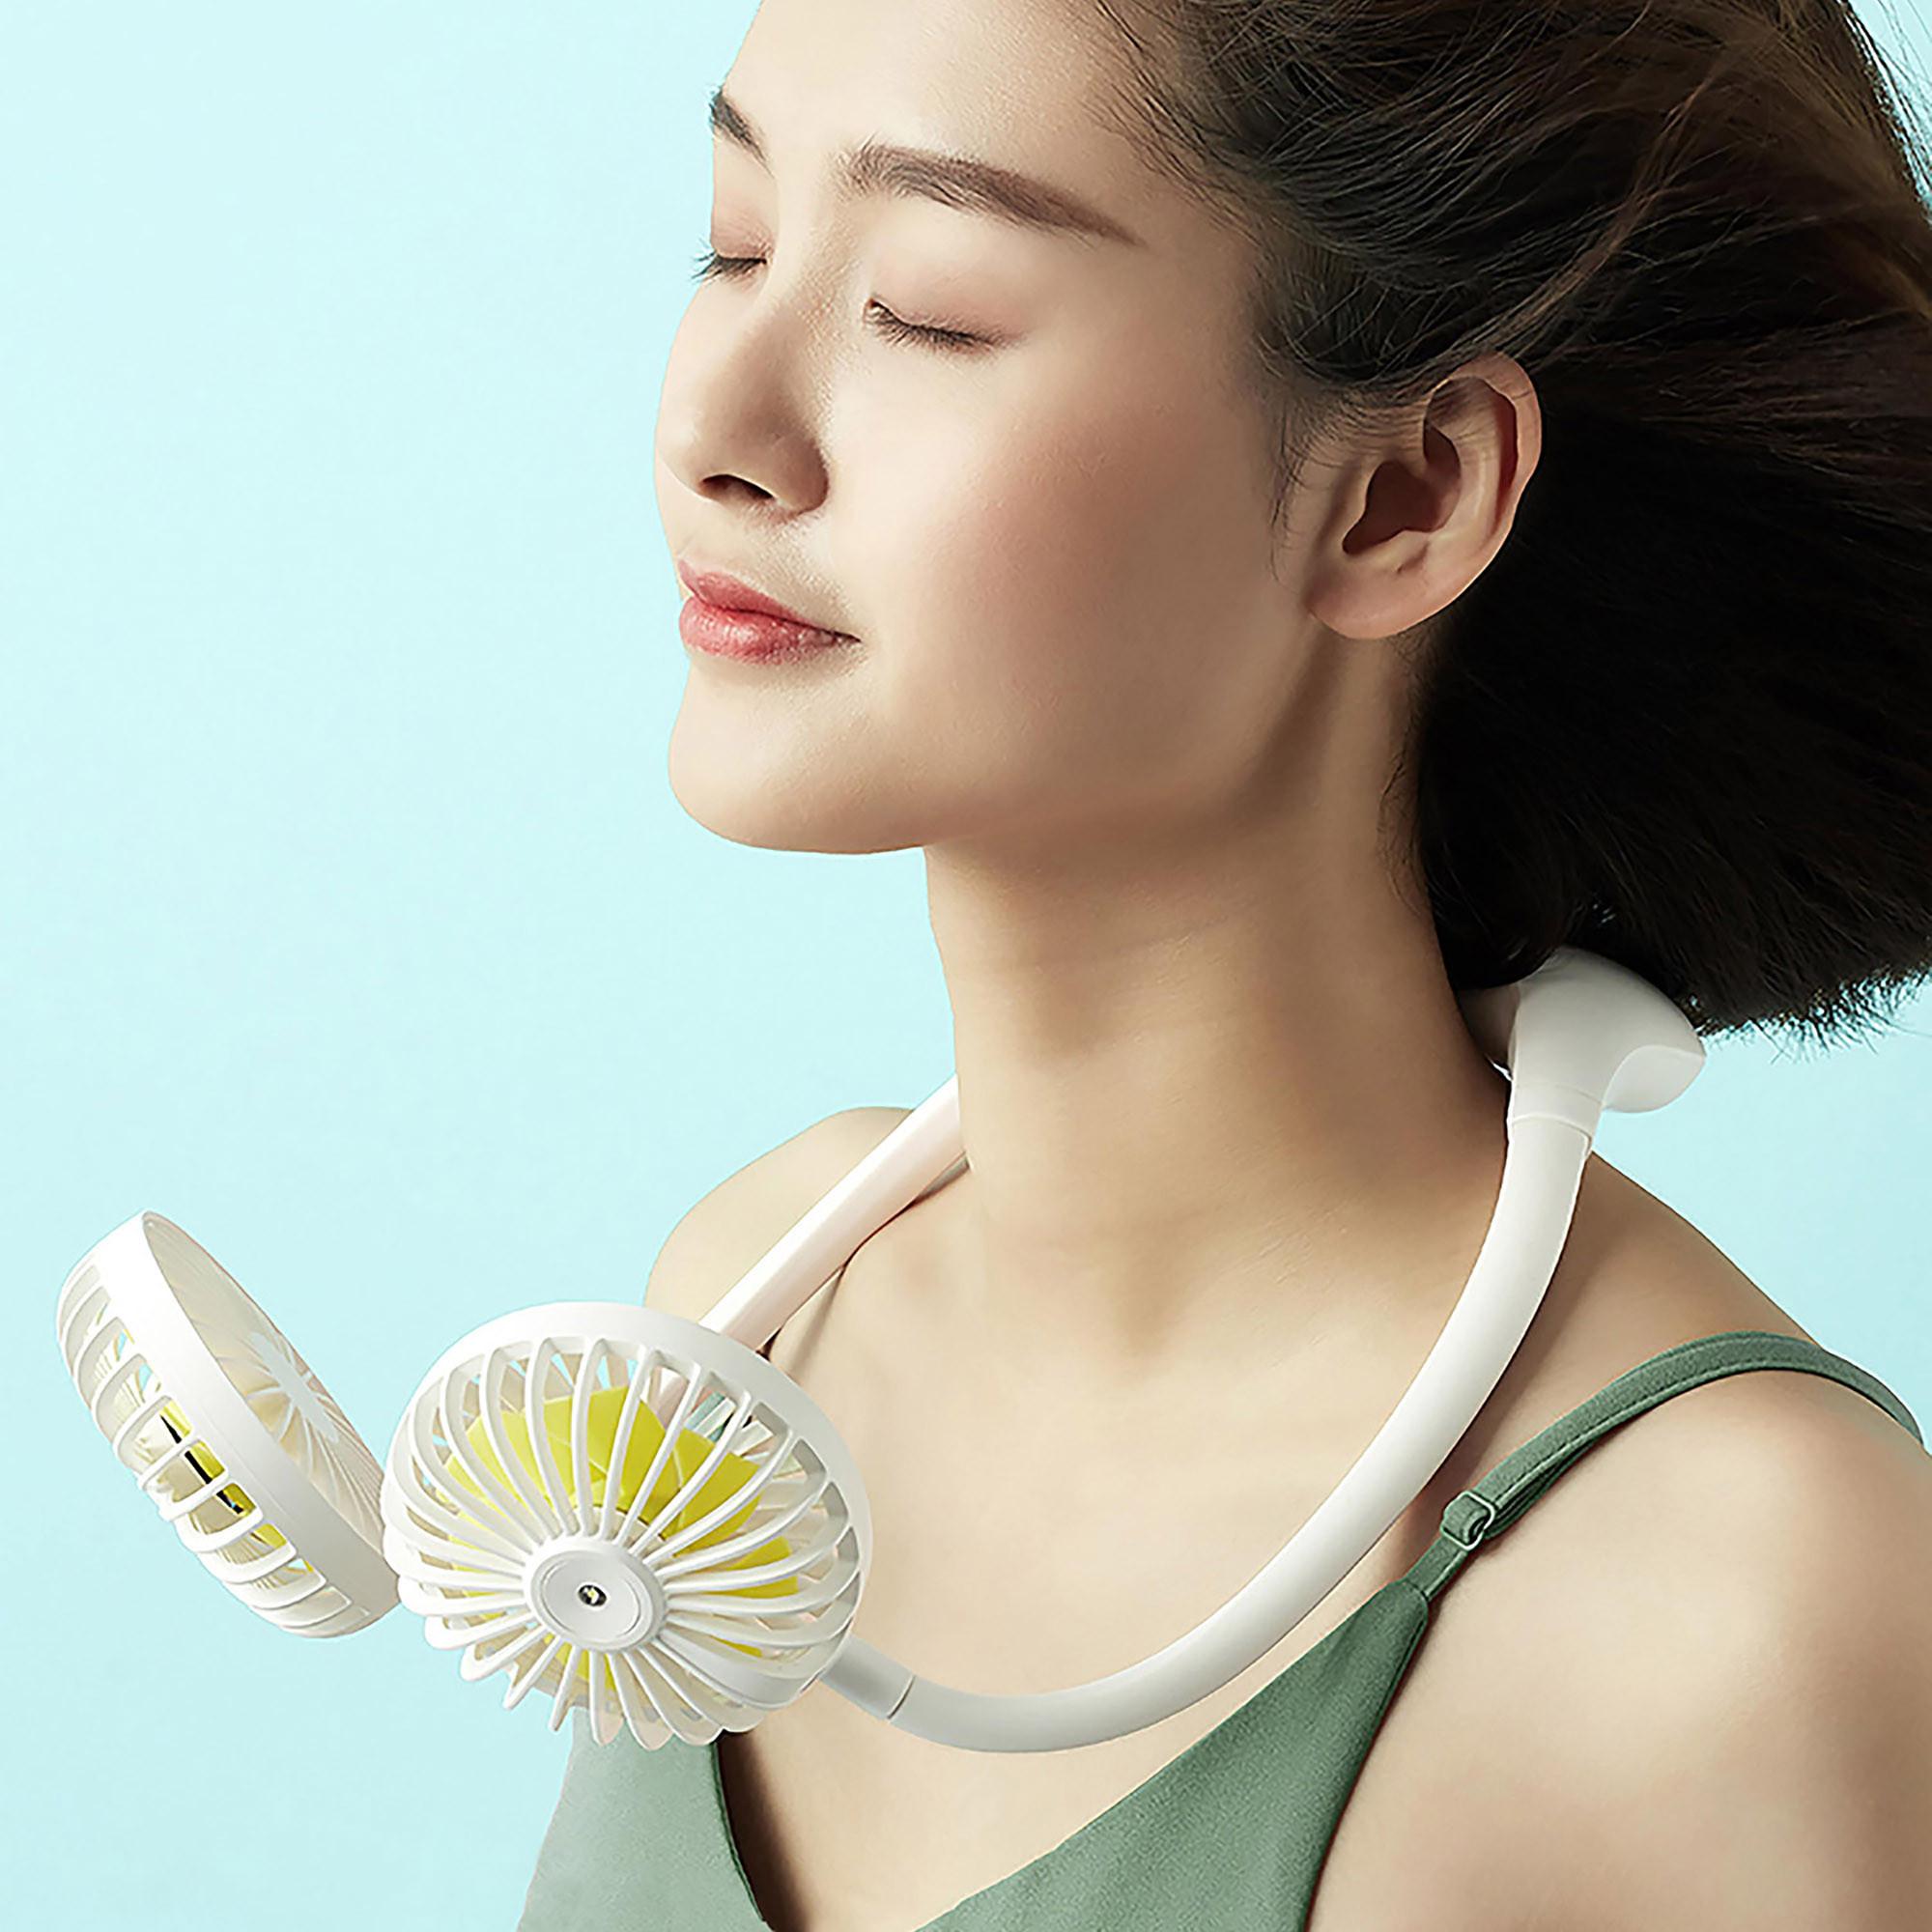 Quạt mini đeo cổ Jisulife FA11_Tích hợp đèn chiếu sáng, hoạt động yên tĩnh, biên độ thổi rộng, sư dụng lâu - Hàng chính hãng